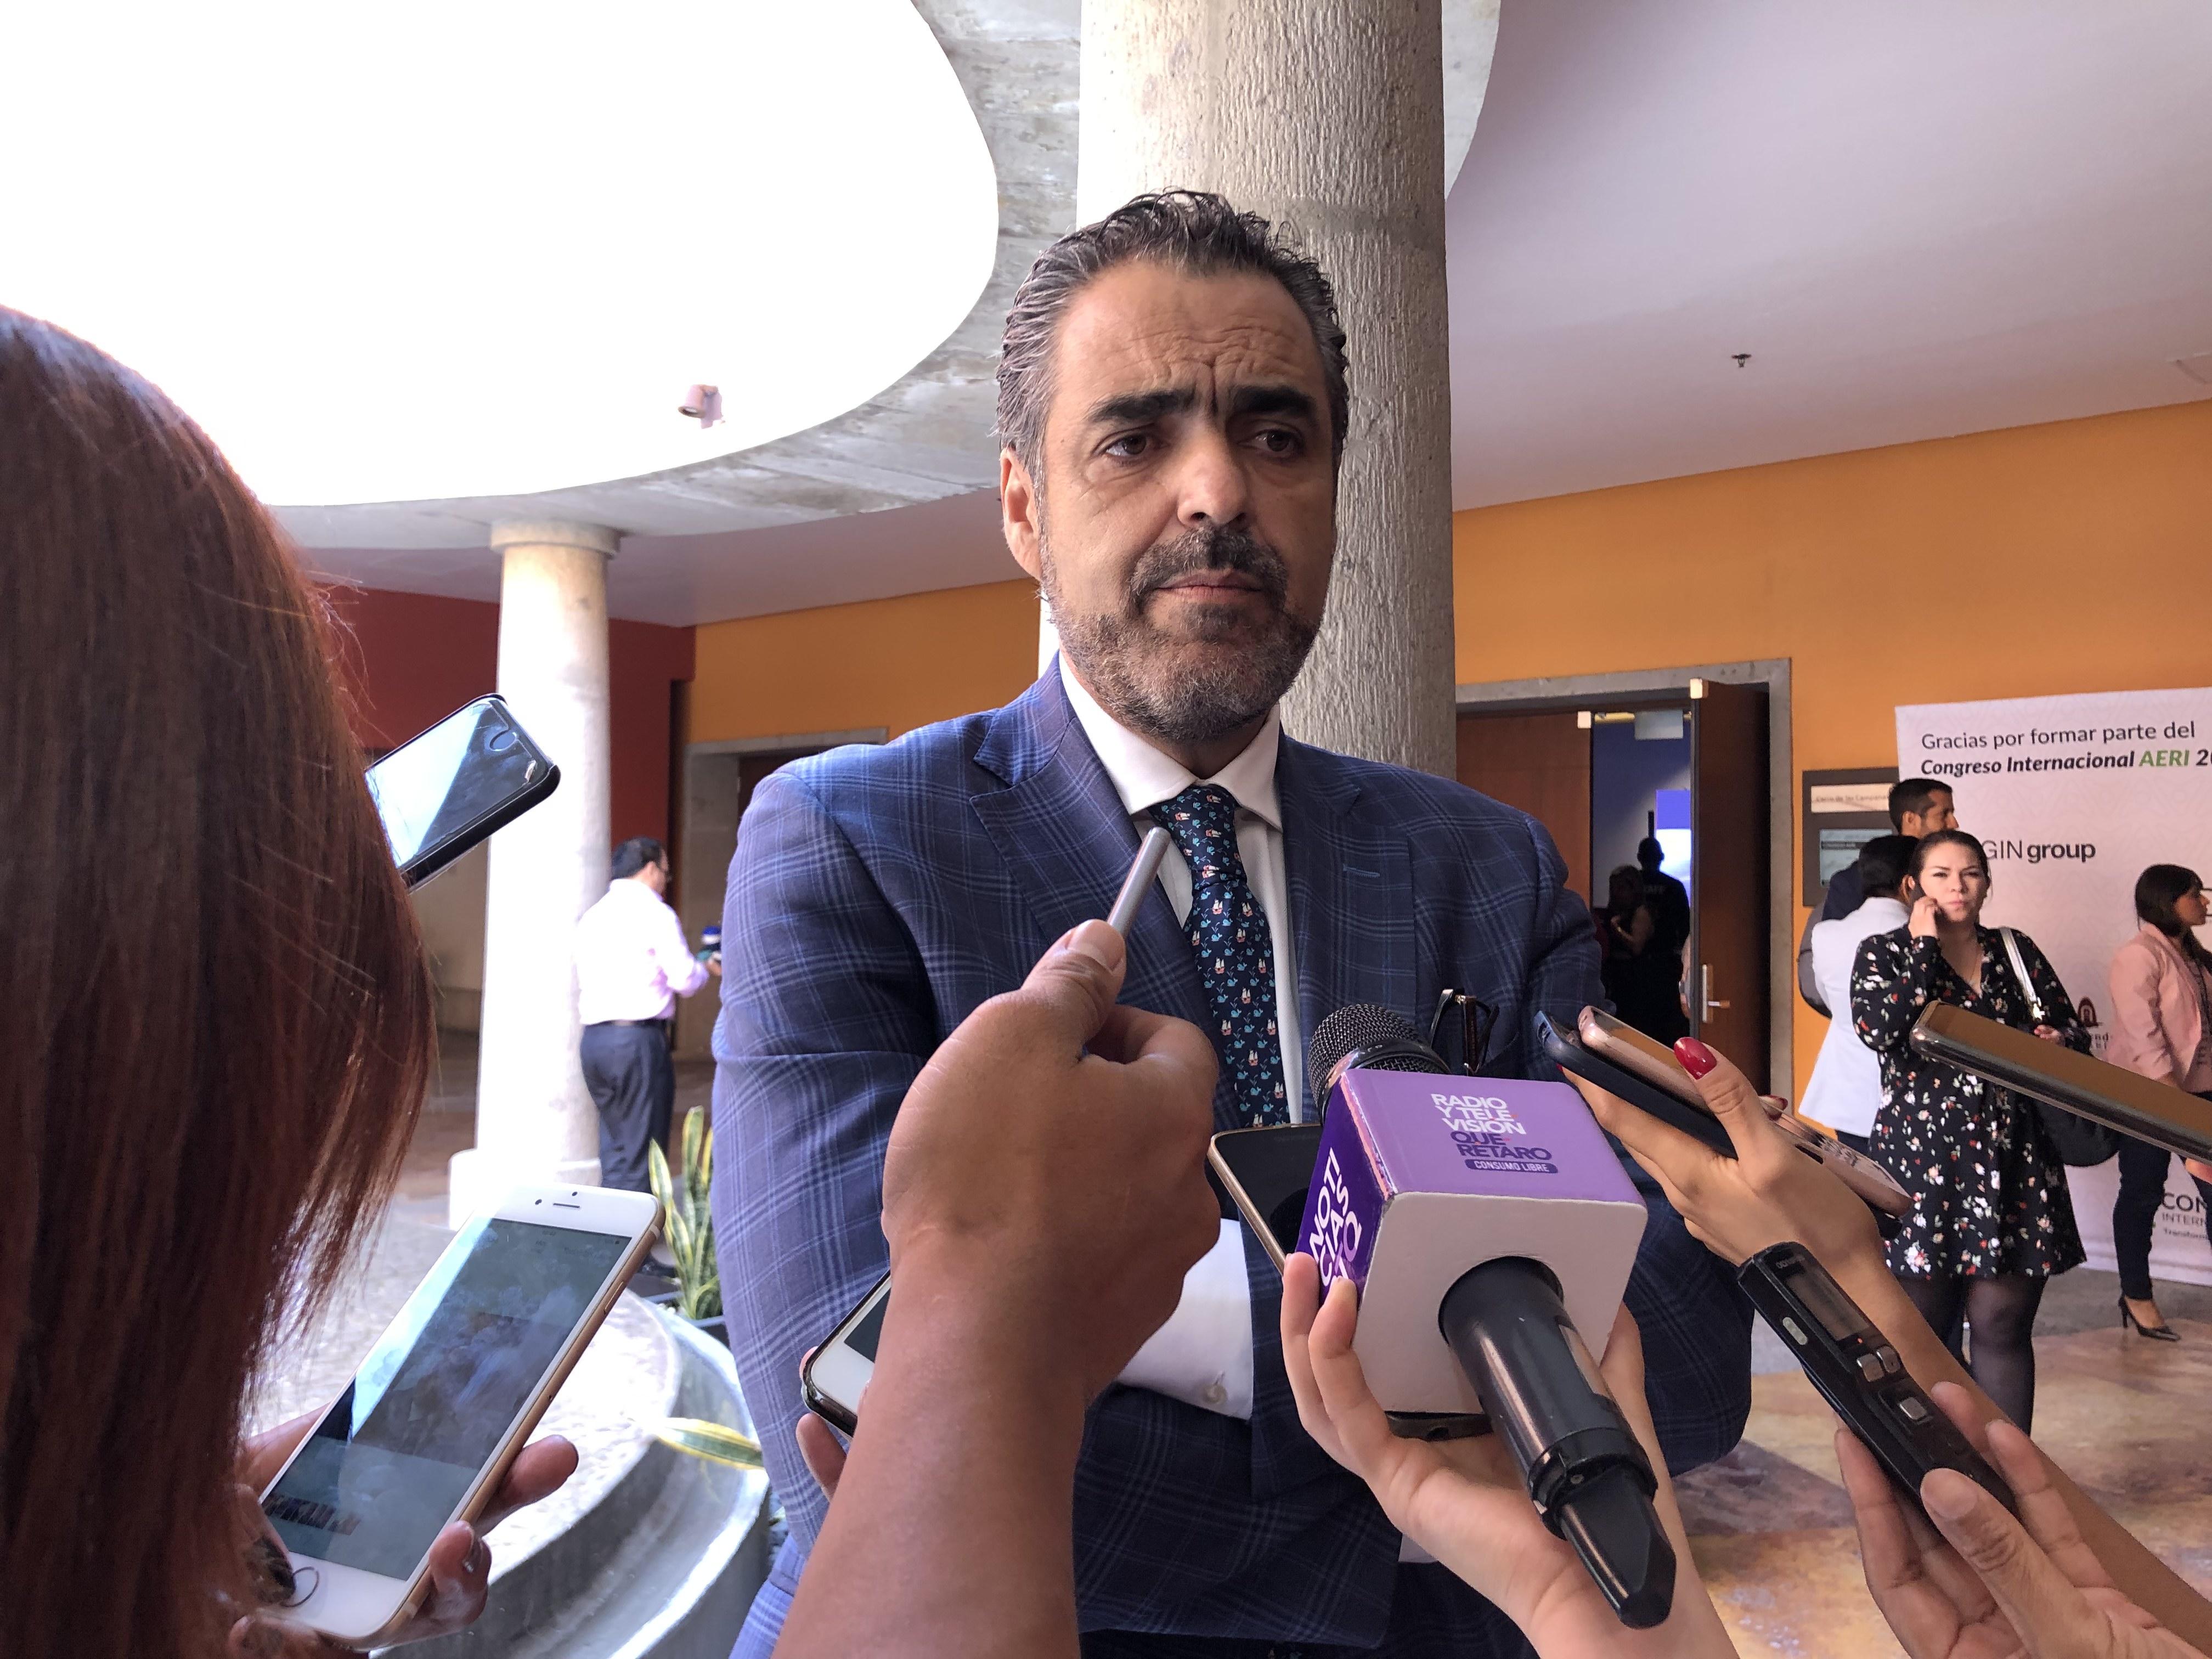 Propone Morena llamar a comparecer al secretario del Trabajo por desempleo